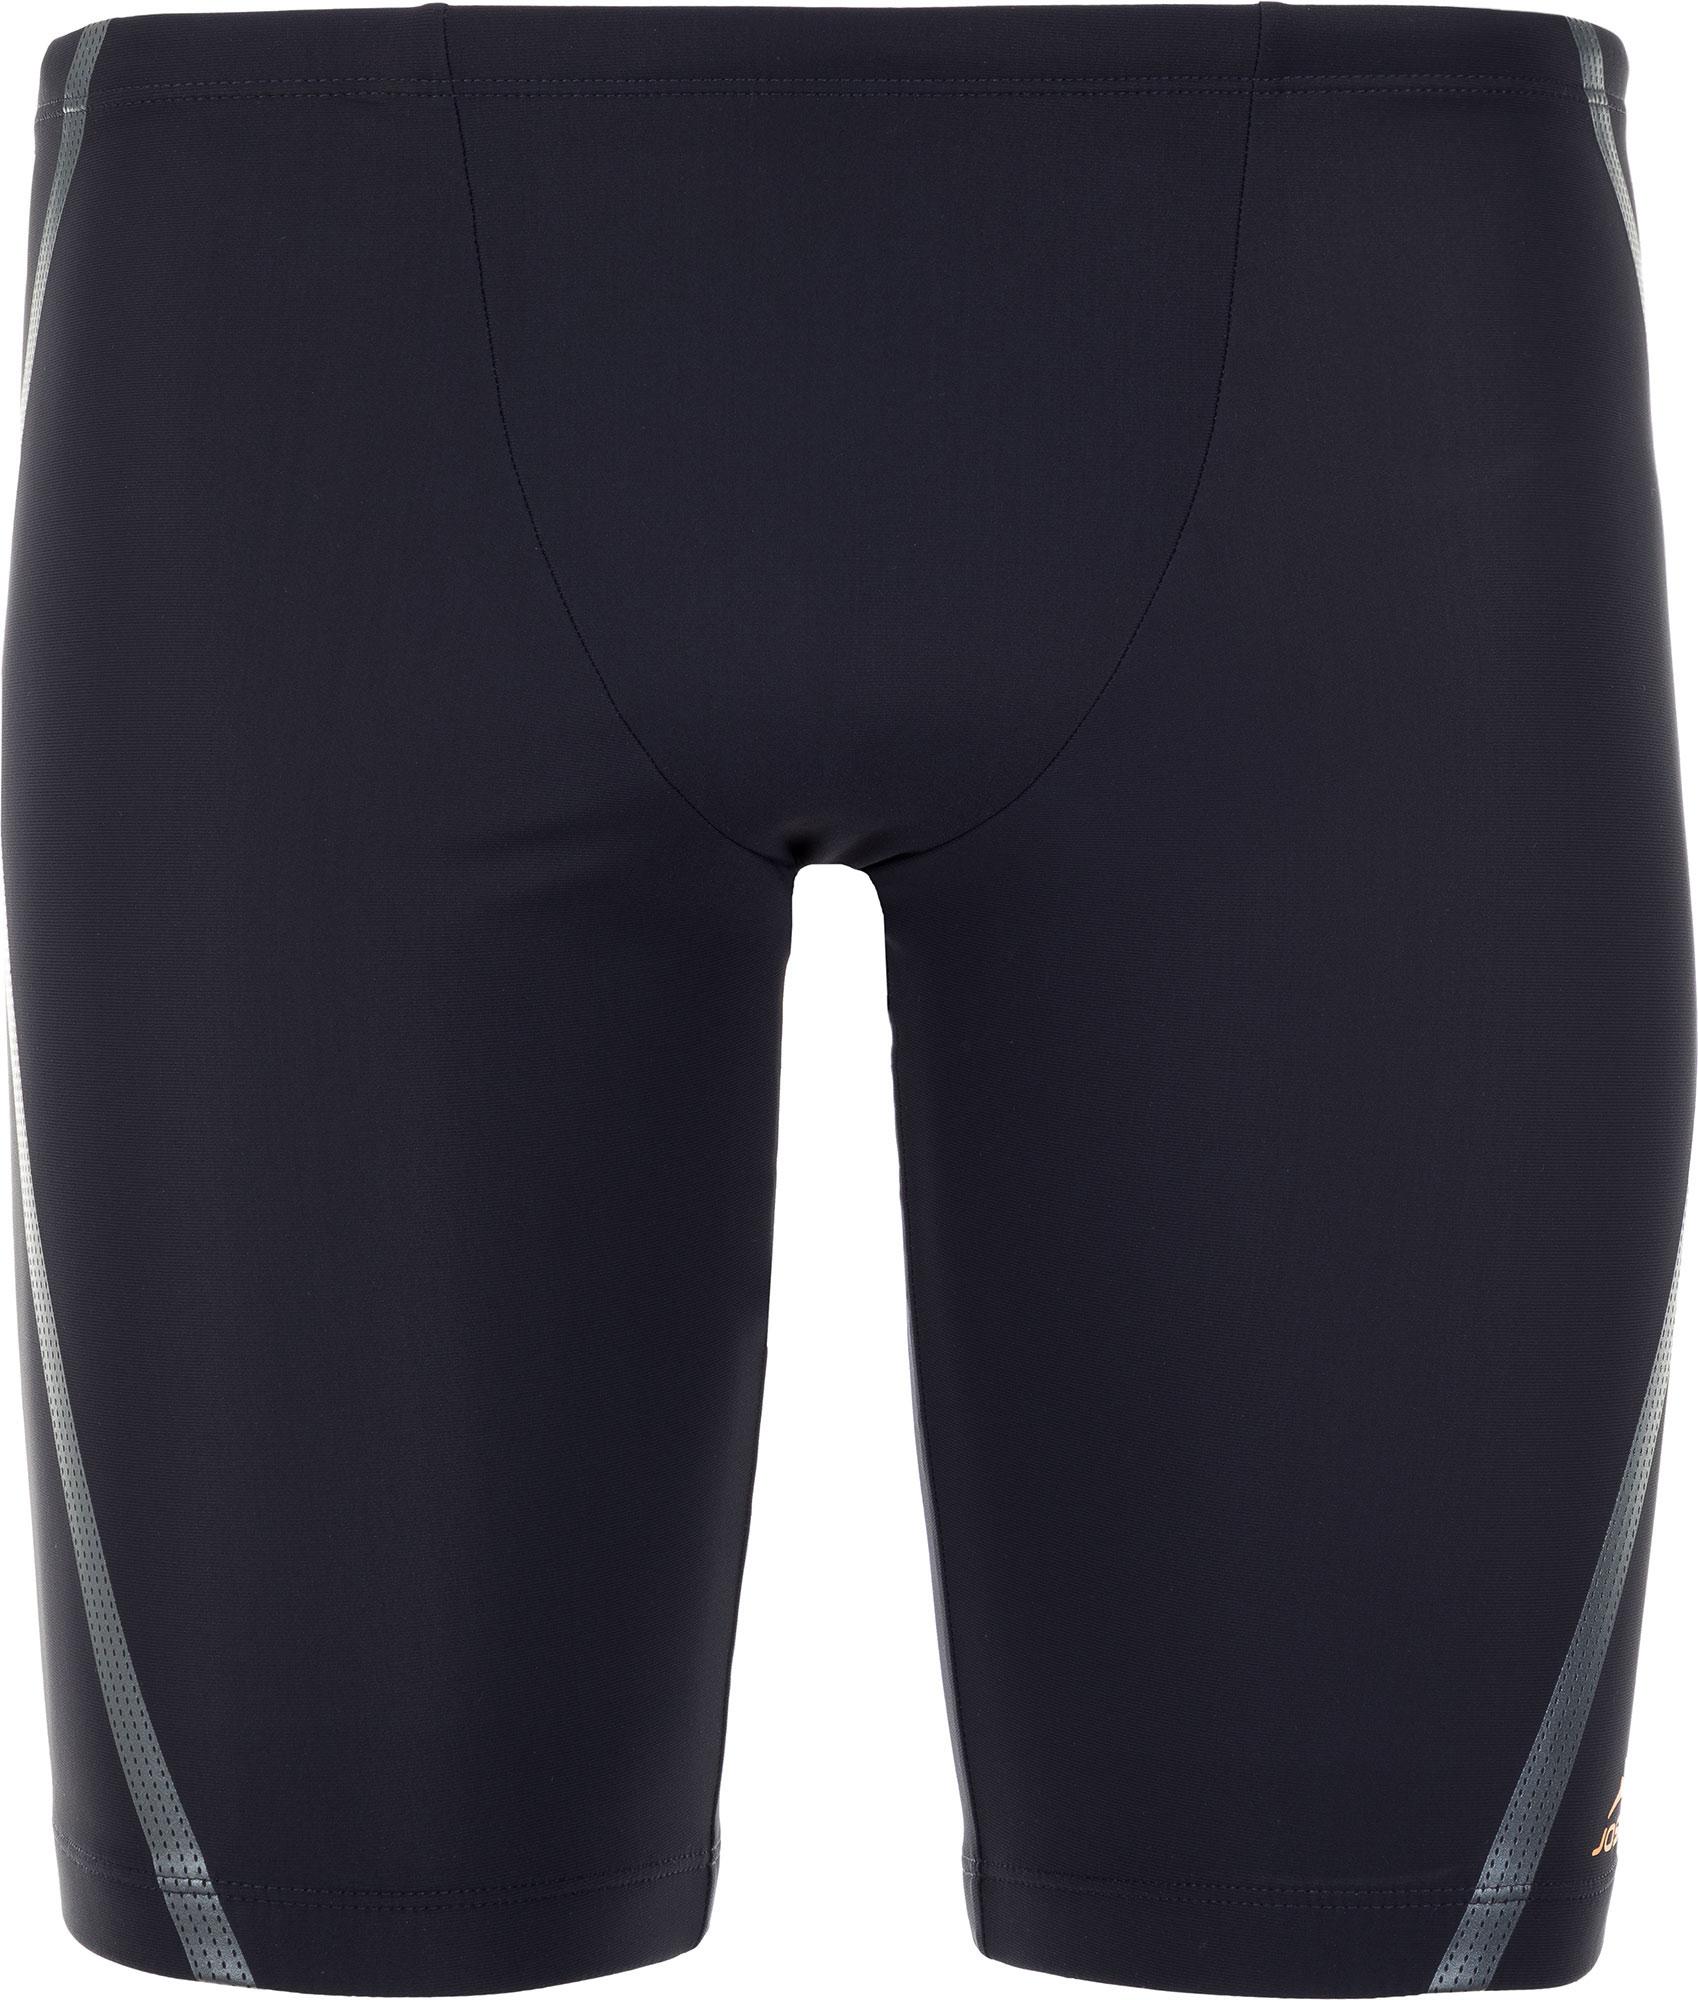 Joss Плавки-шорты мужские Joss, размер 54